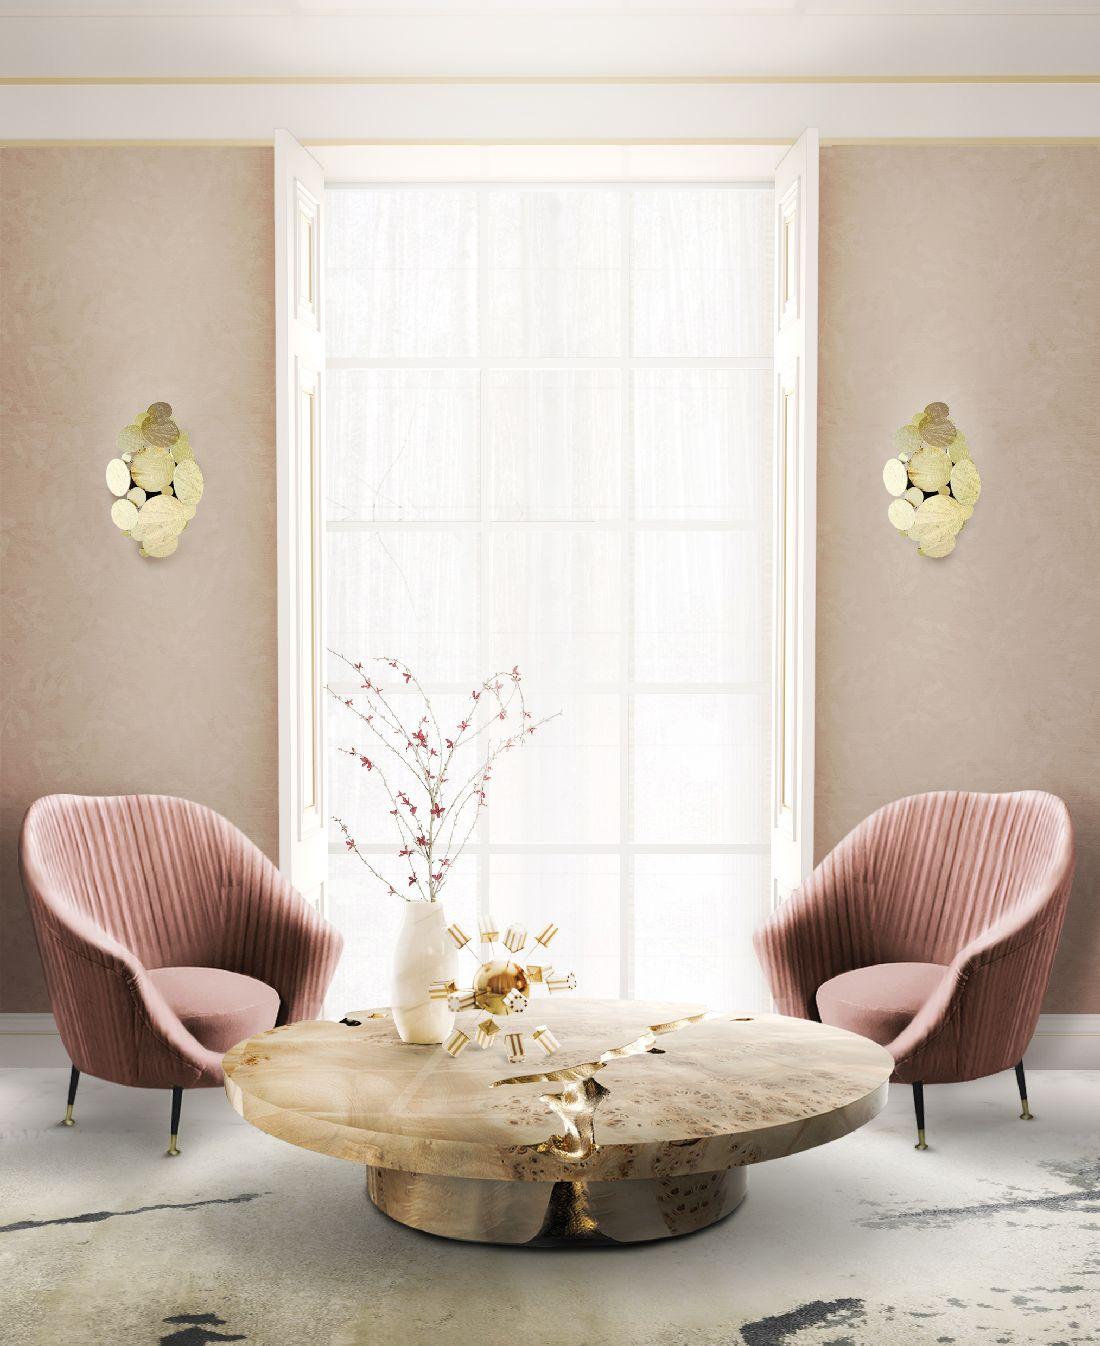 3covet-house_living-room-_-living-room-explosion-of-good-taste-and-charm.jpg